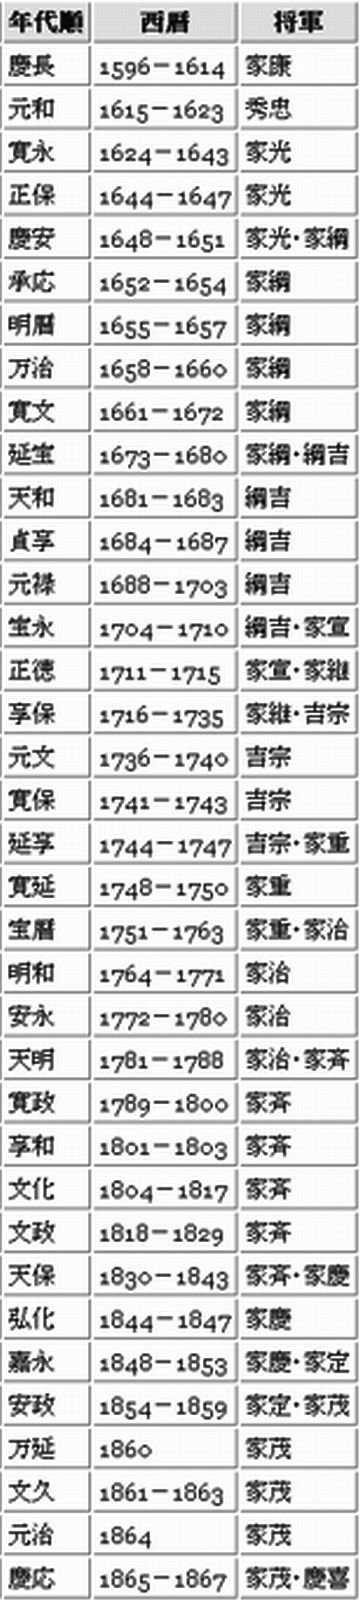 元和7年は、1621年です